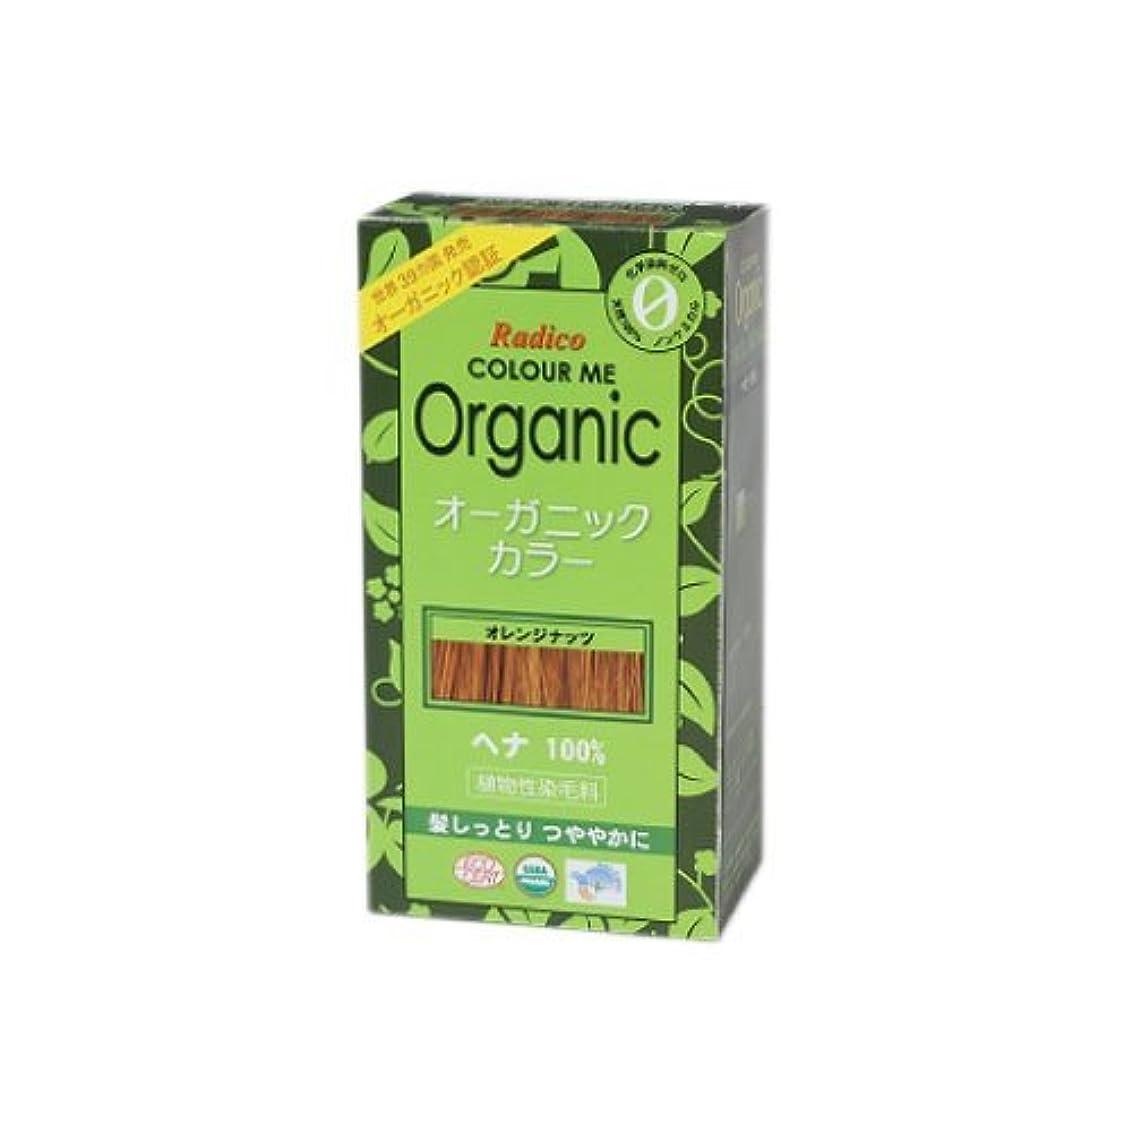 繁殖ステップ基本的なCOLOURME Organic (カラーミーオーガニック ヘナ 白髪用) オレンジナッツ 100g